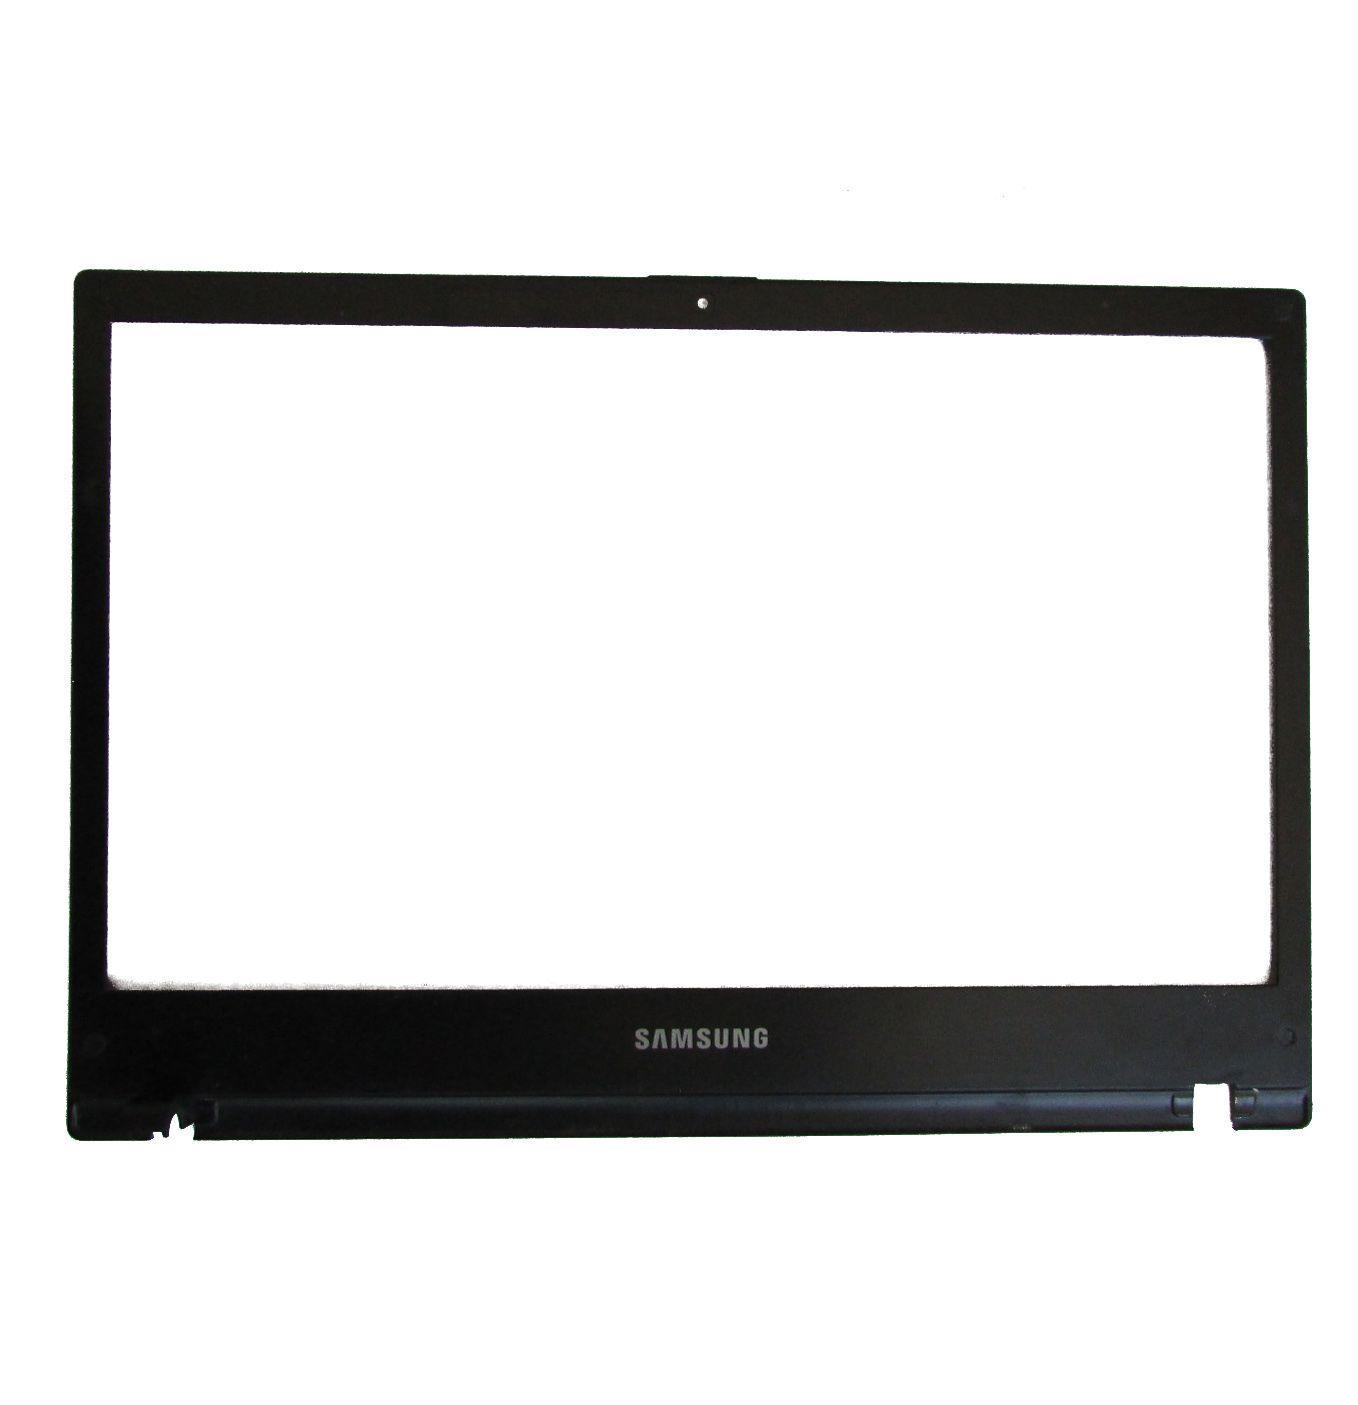 Carcaça Tampa e Moldura Notebook Samsung 300e NP300V4A  ba75-03206a  - ba75-03223a - Retirado